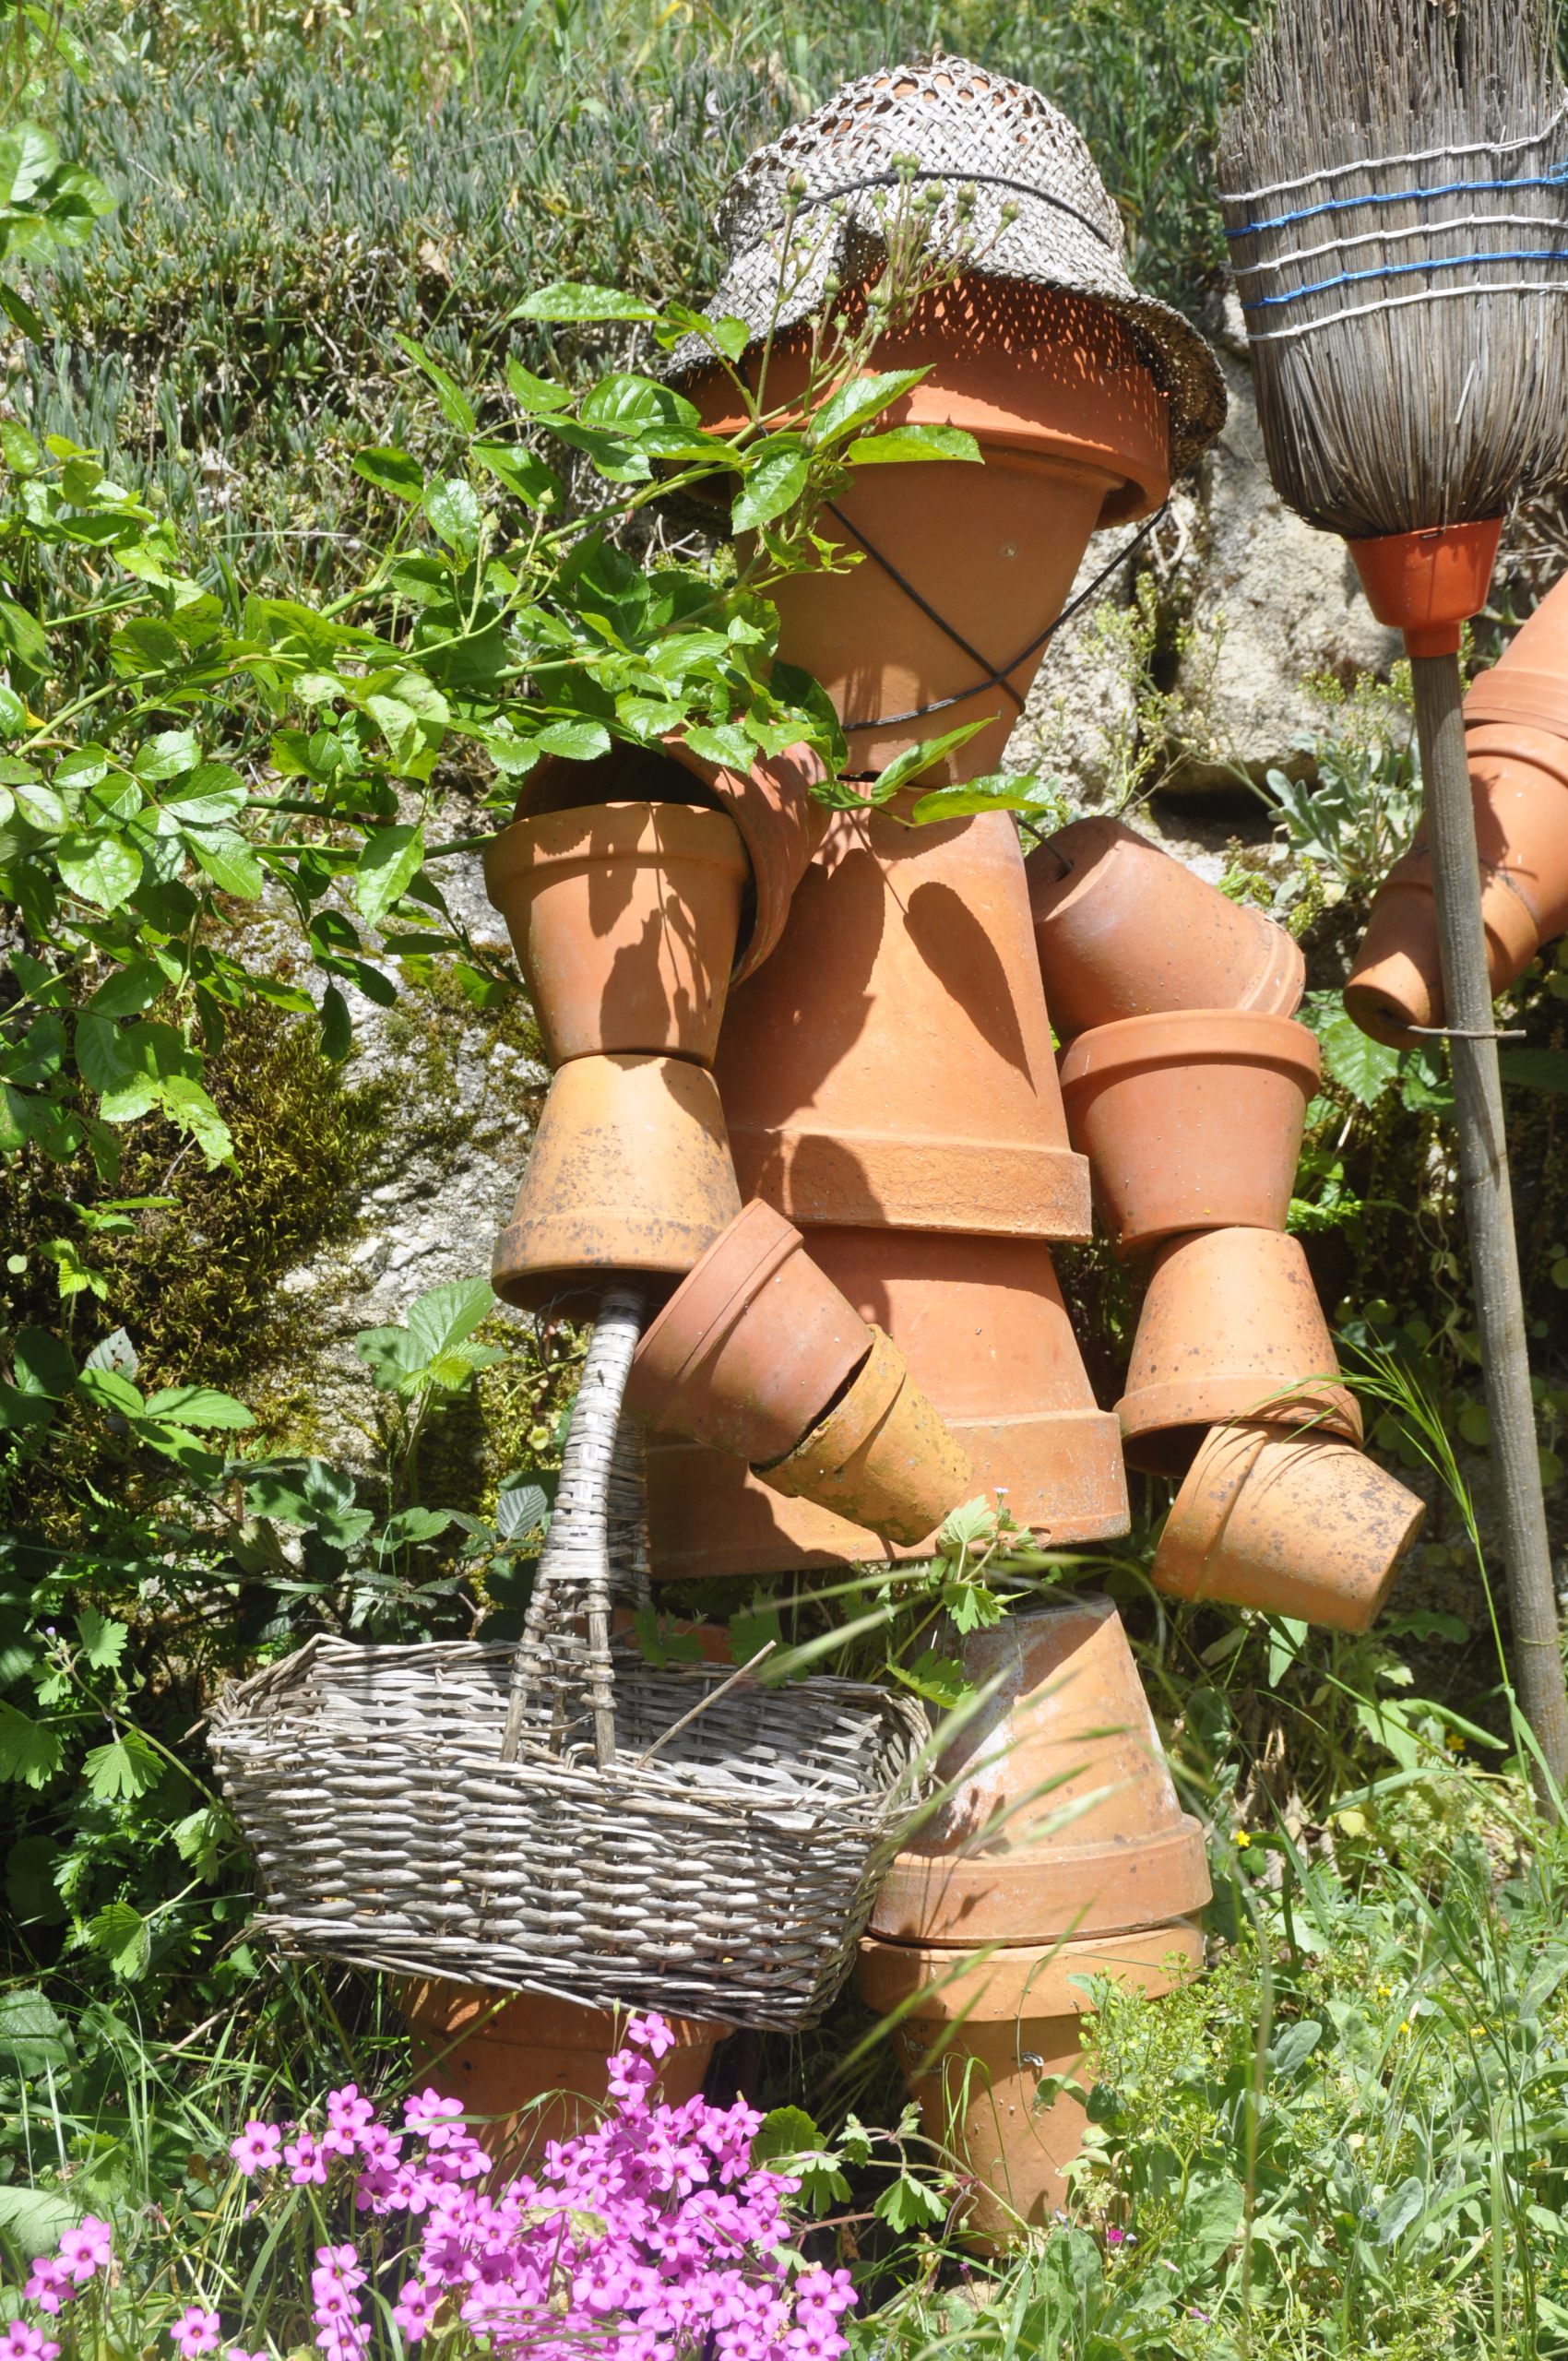 Stacked terra cotta flower sculpture that looks like a gardener